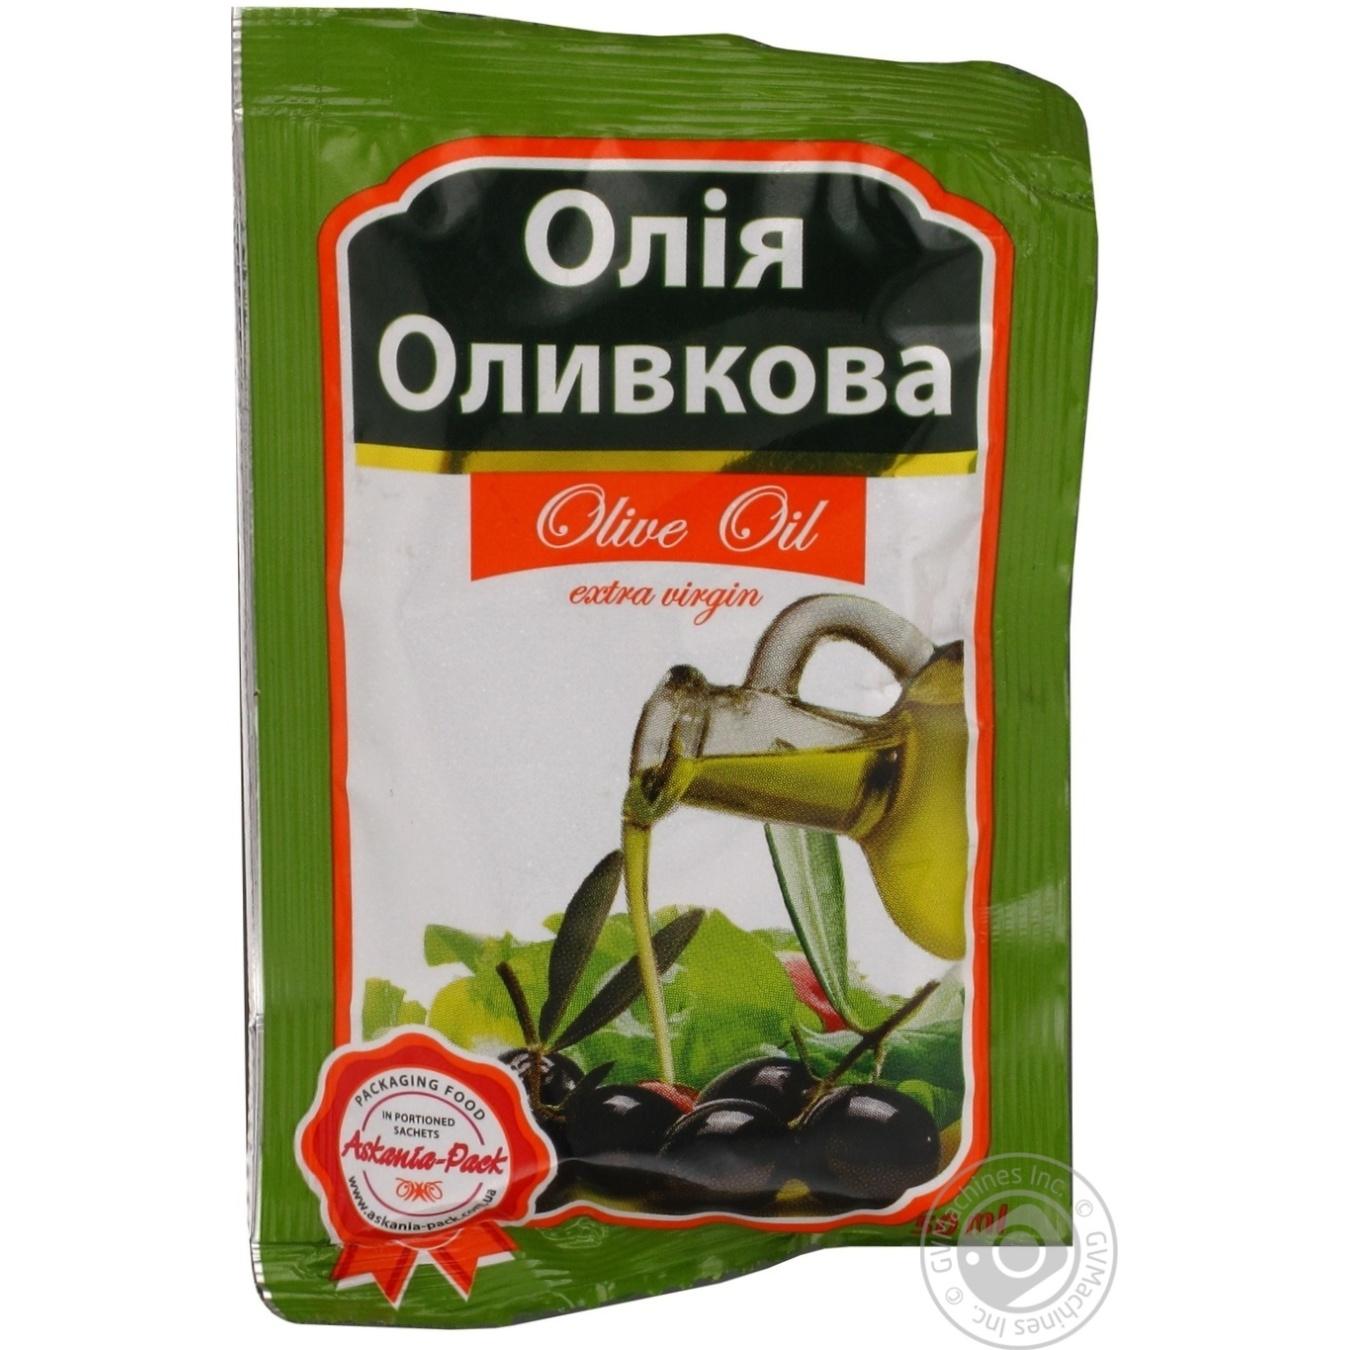 Масло оливковое Аскания-Пак сашет 50мл → Консервы и приправы ... 091708300d65c